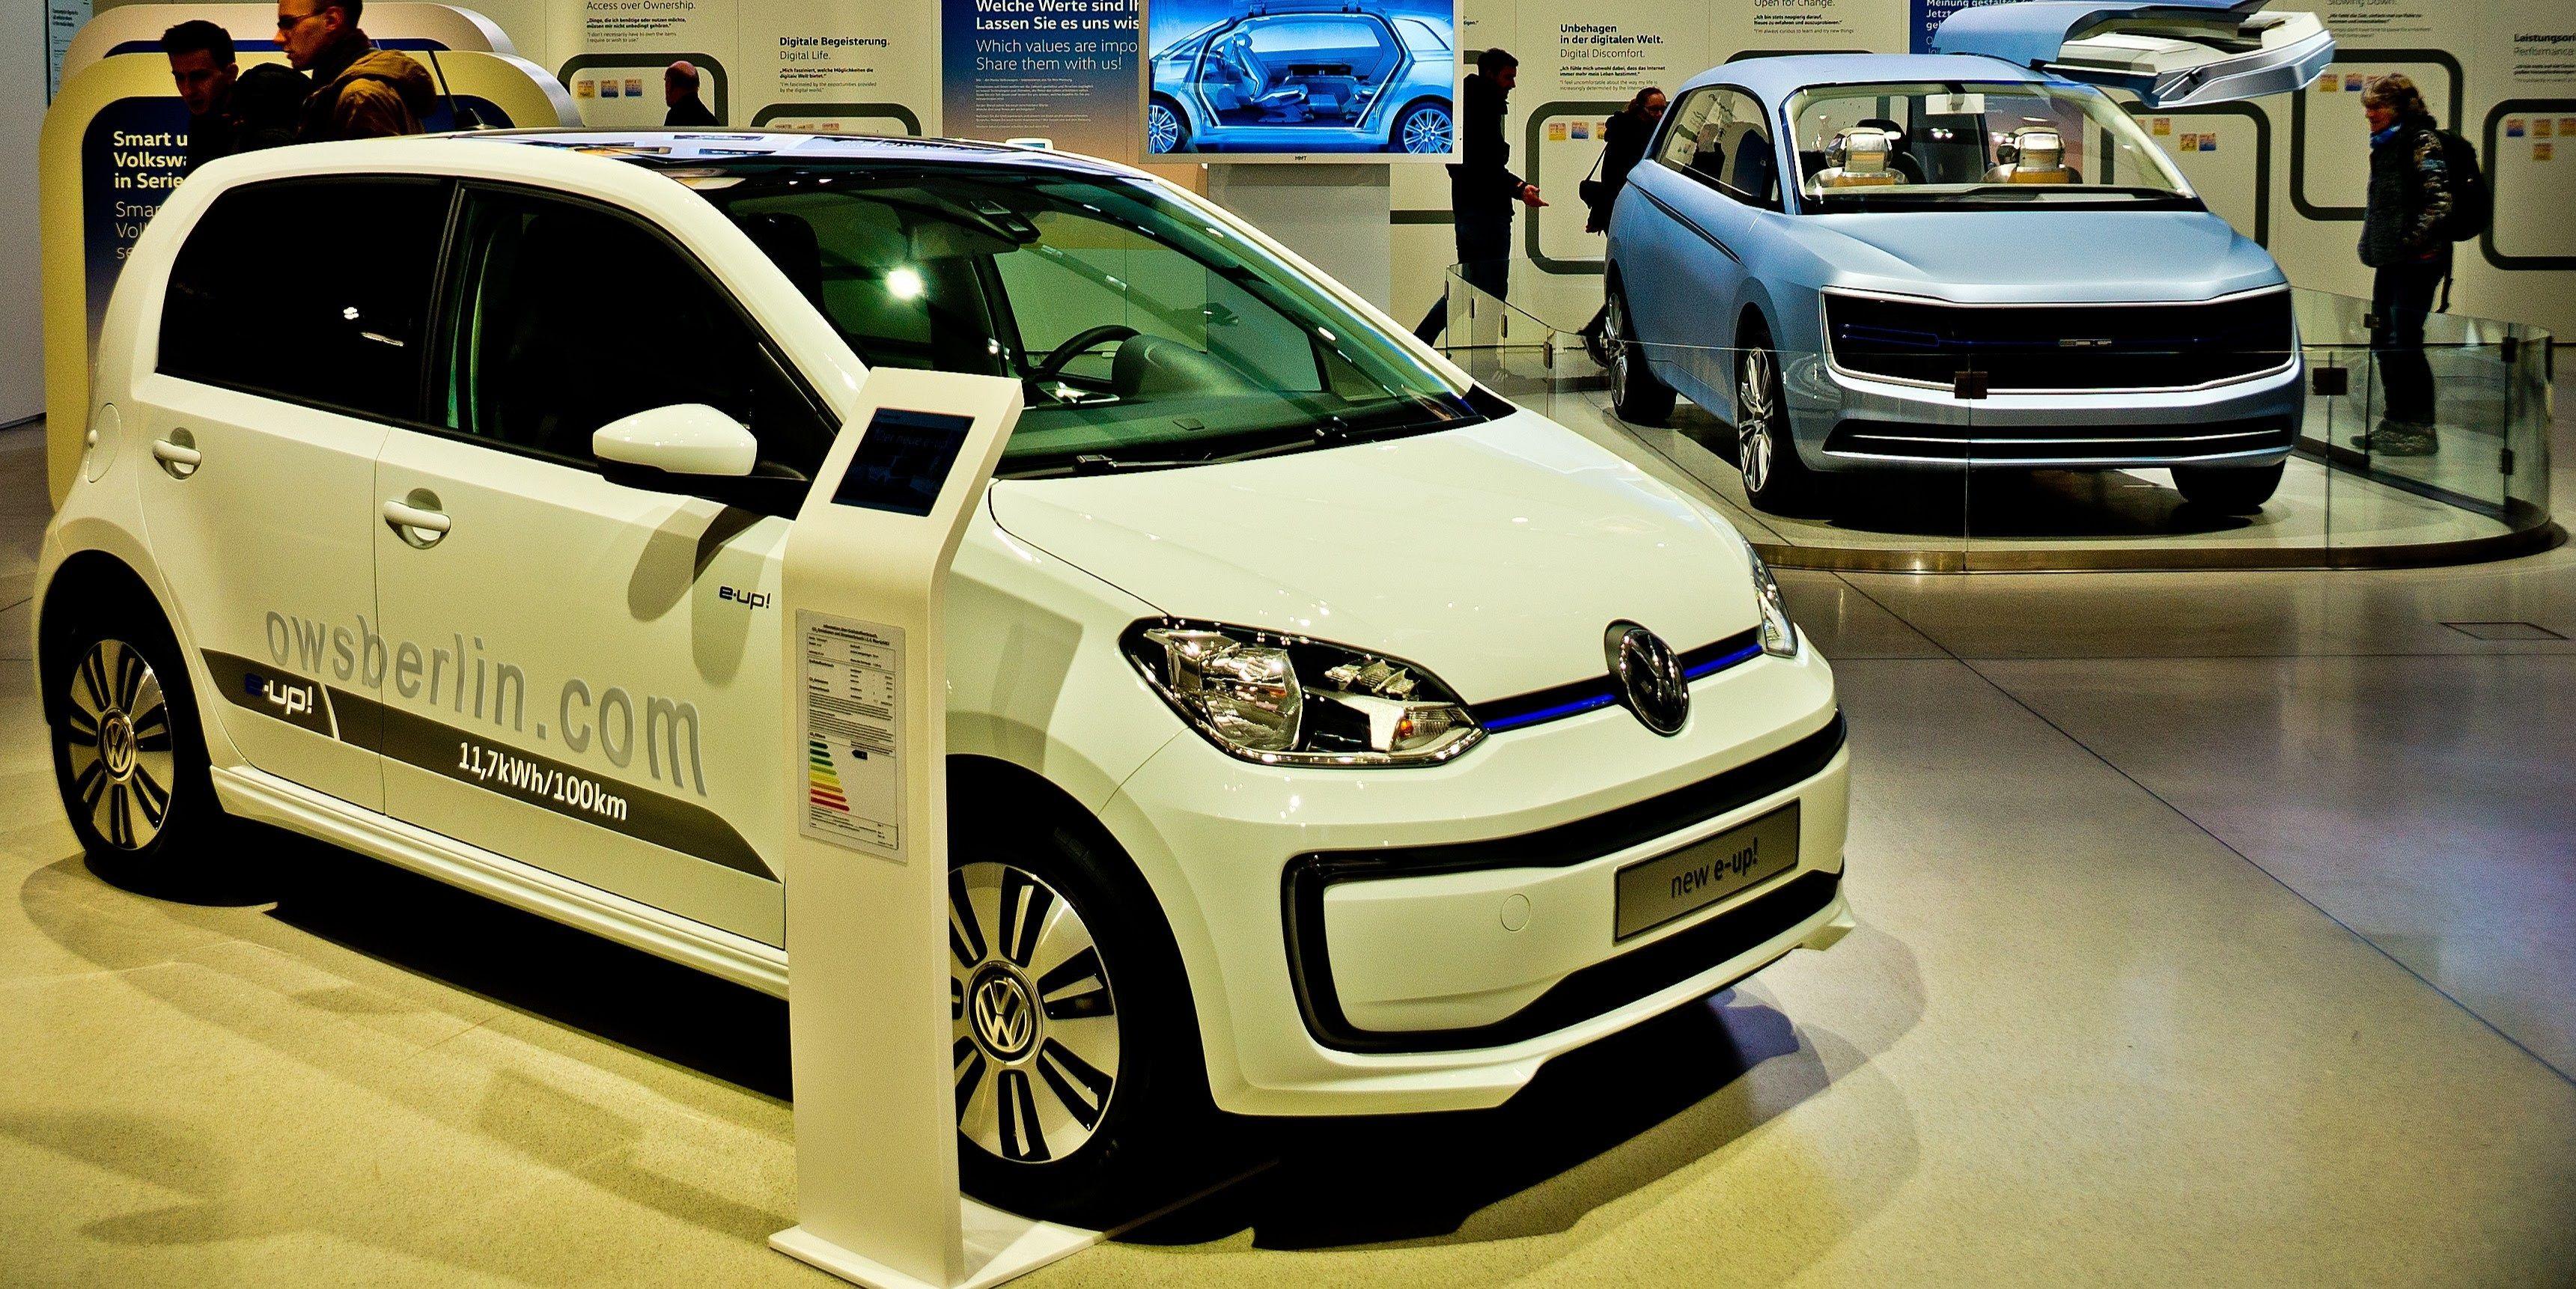 Volkswagen new e up DRIVE Volkswagen Group Forum Berlin 2017